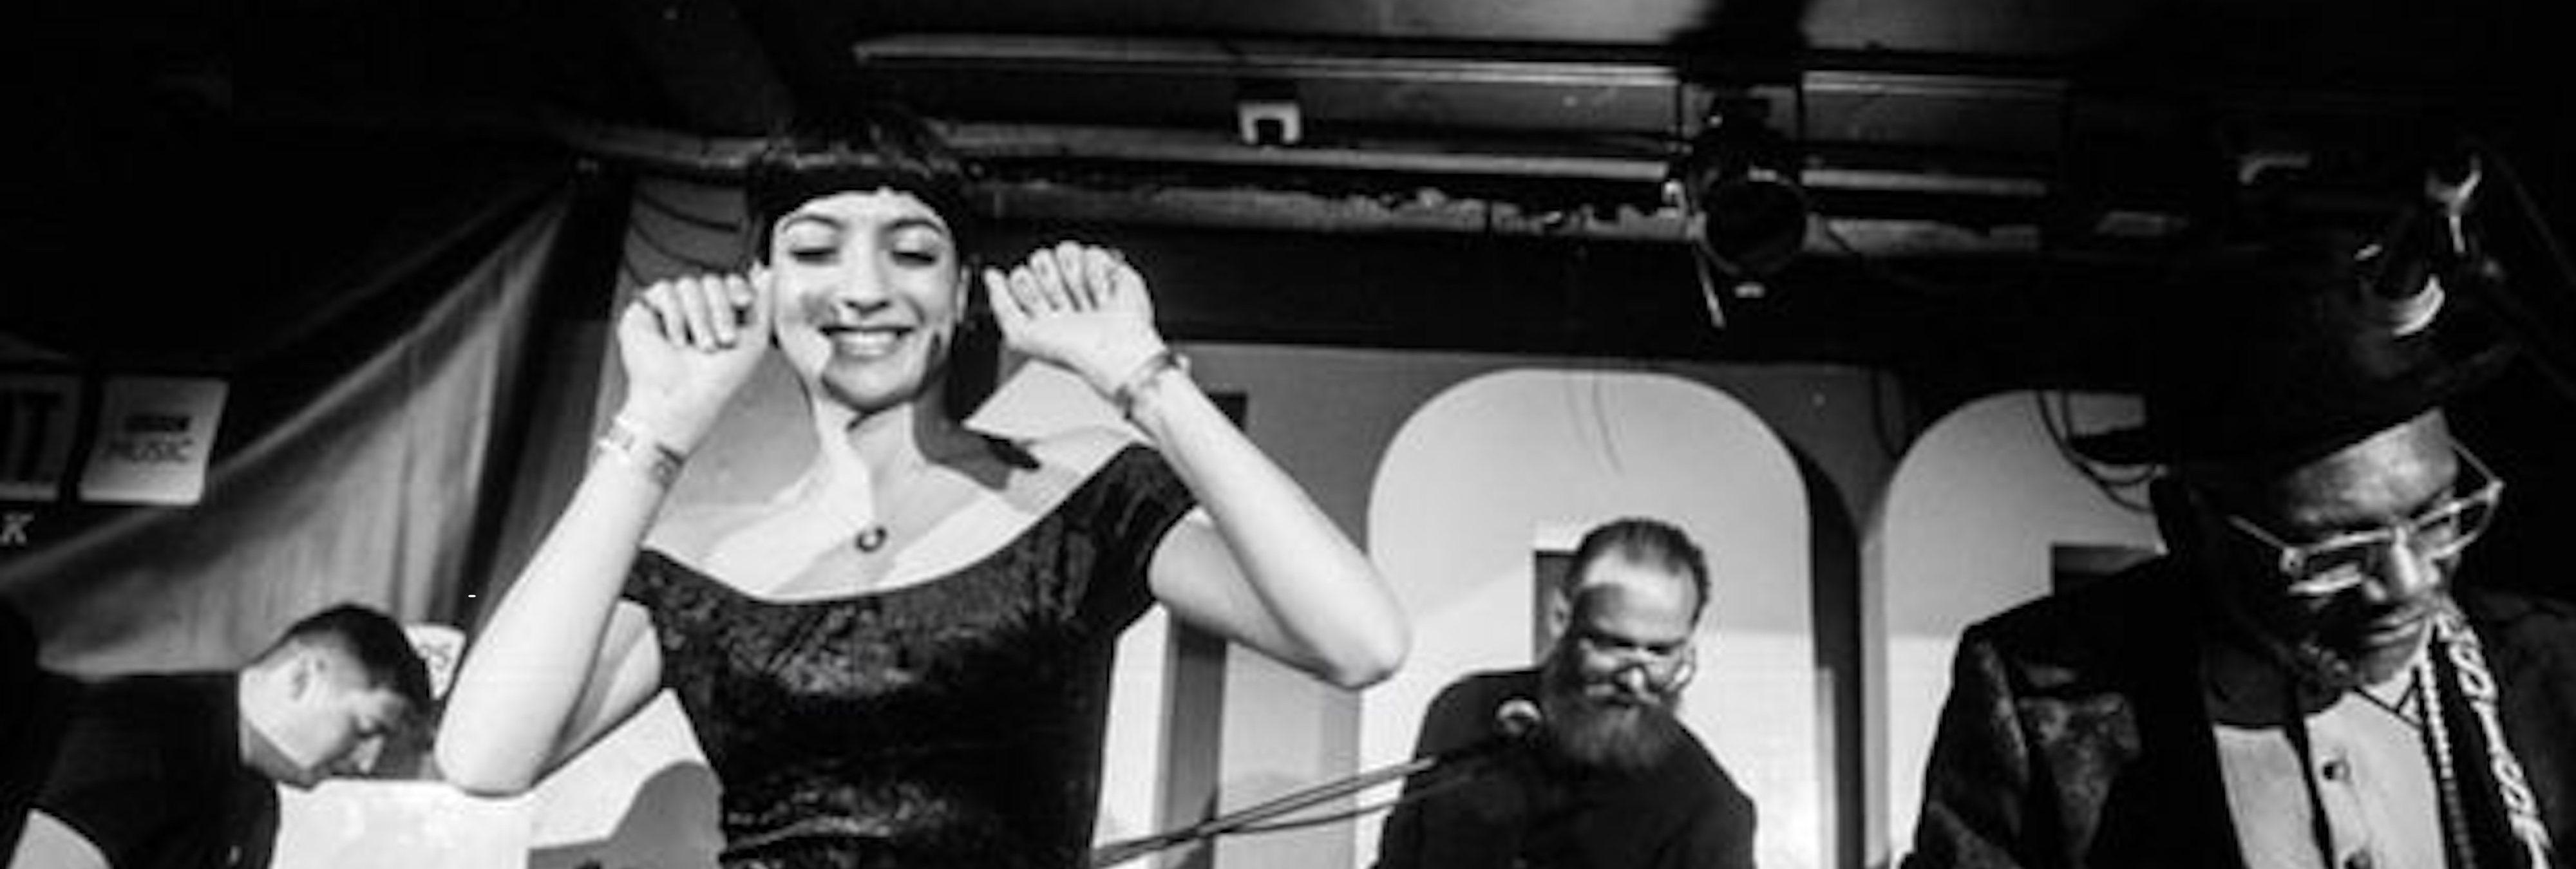 Saffiyah Khan: de icono antirracista a cantante del grupo The Specials